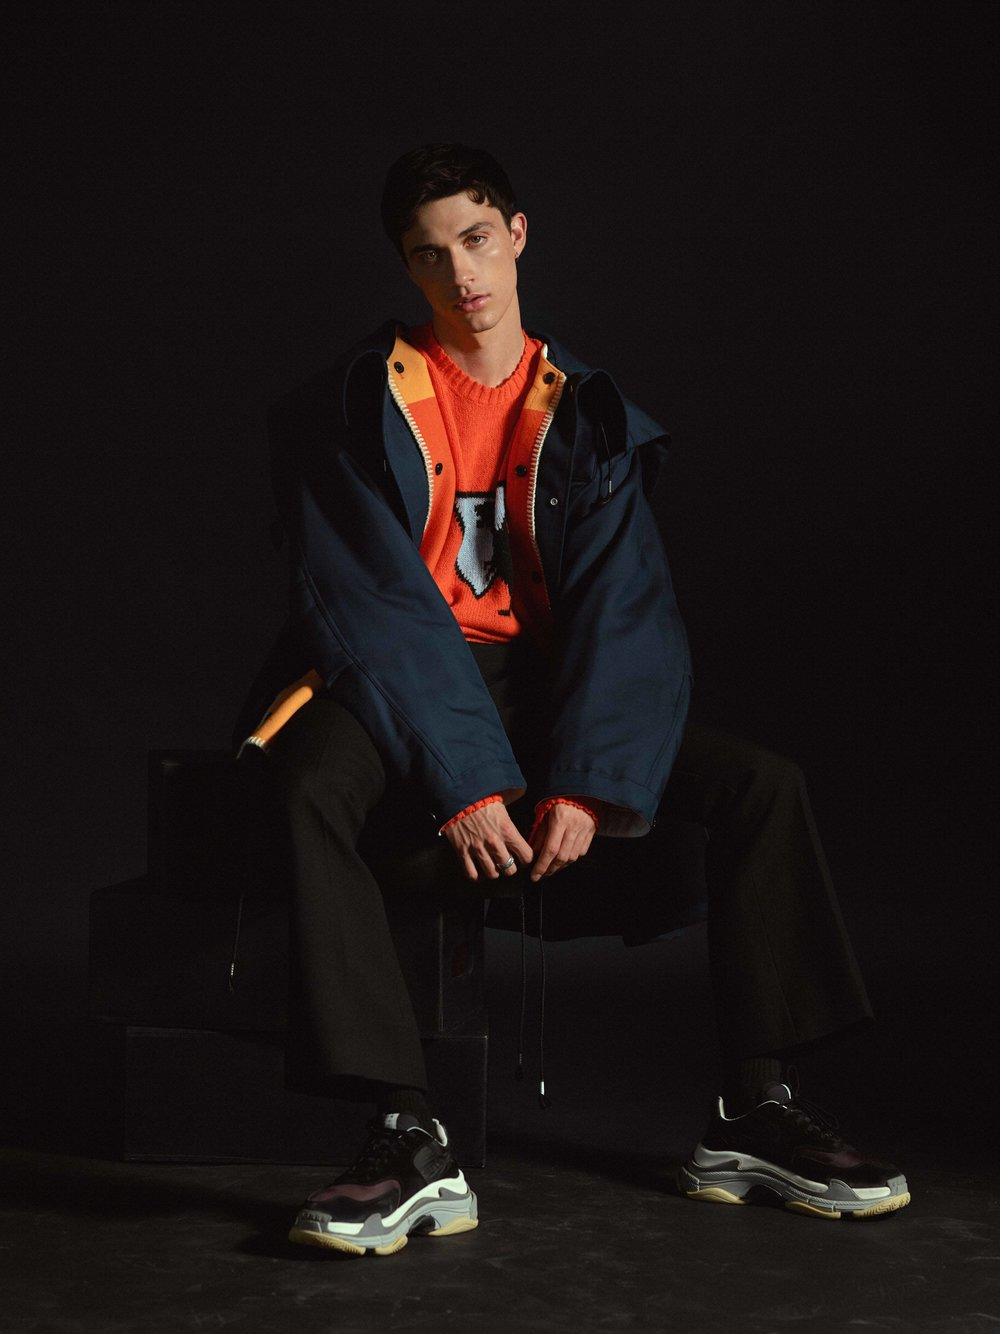 Calvin Klein 205W39NYC parka (fwrd.com), Prada sweater, Alexander Mcqueen pants, Balenciaga shoes